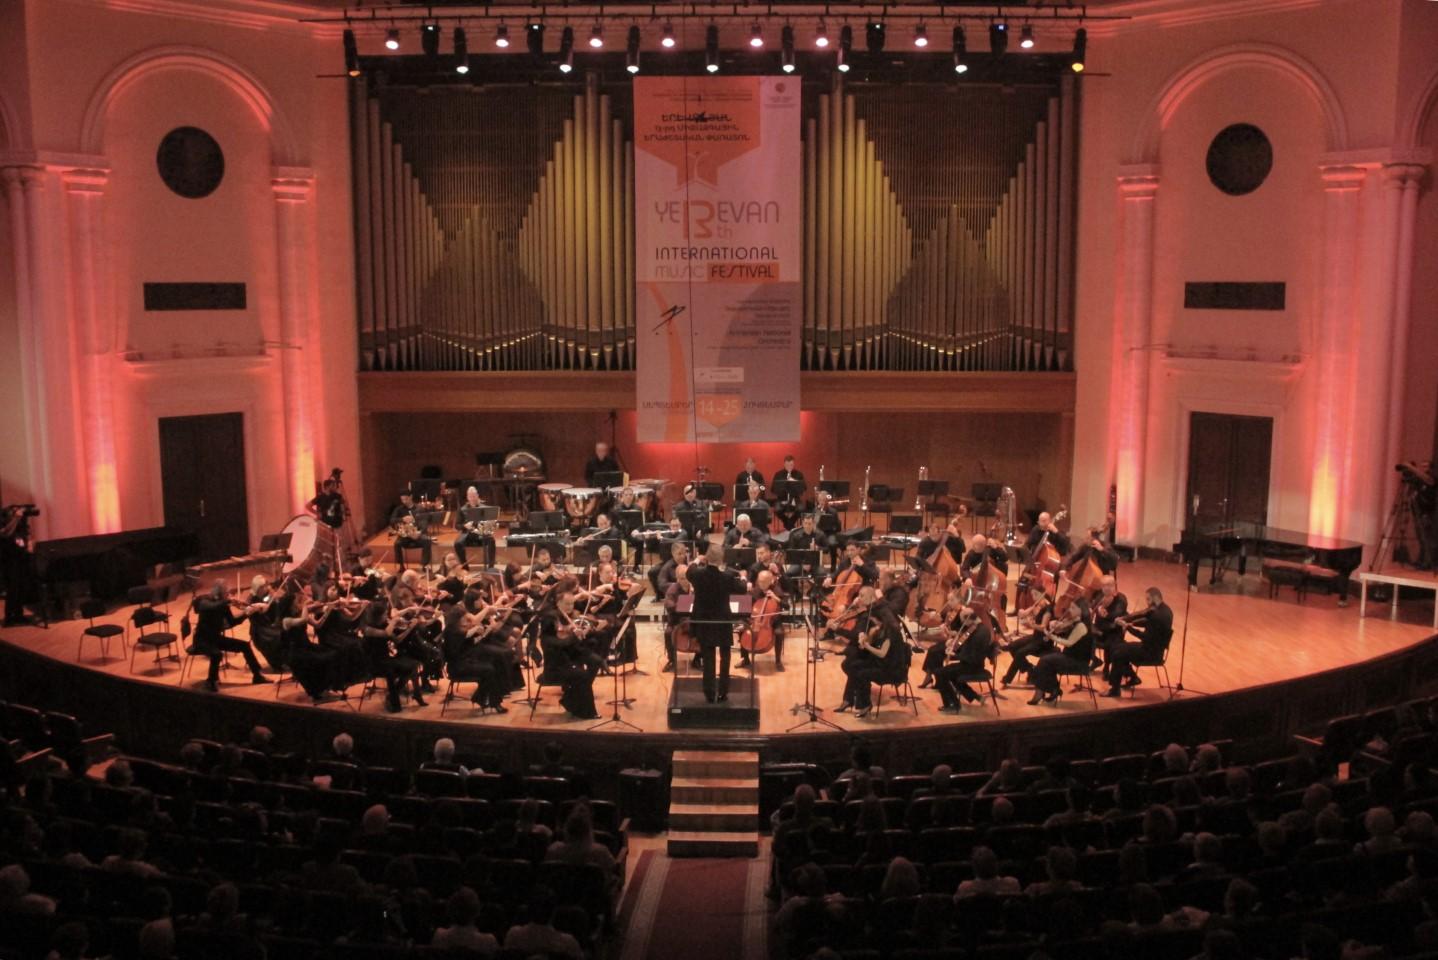 Կոնվերս բանկի և ՀԱՖՆ համագործակցությանը նվիրված գալա-համերգով ավարտվել է Երևանյան միջազգային երաժշտական փառատոնը